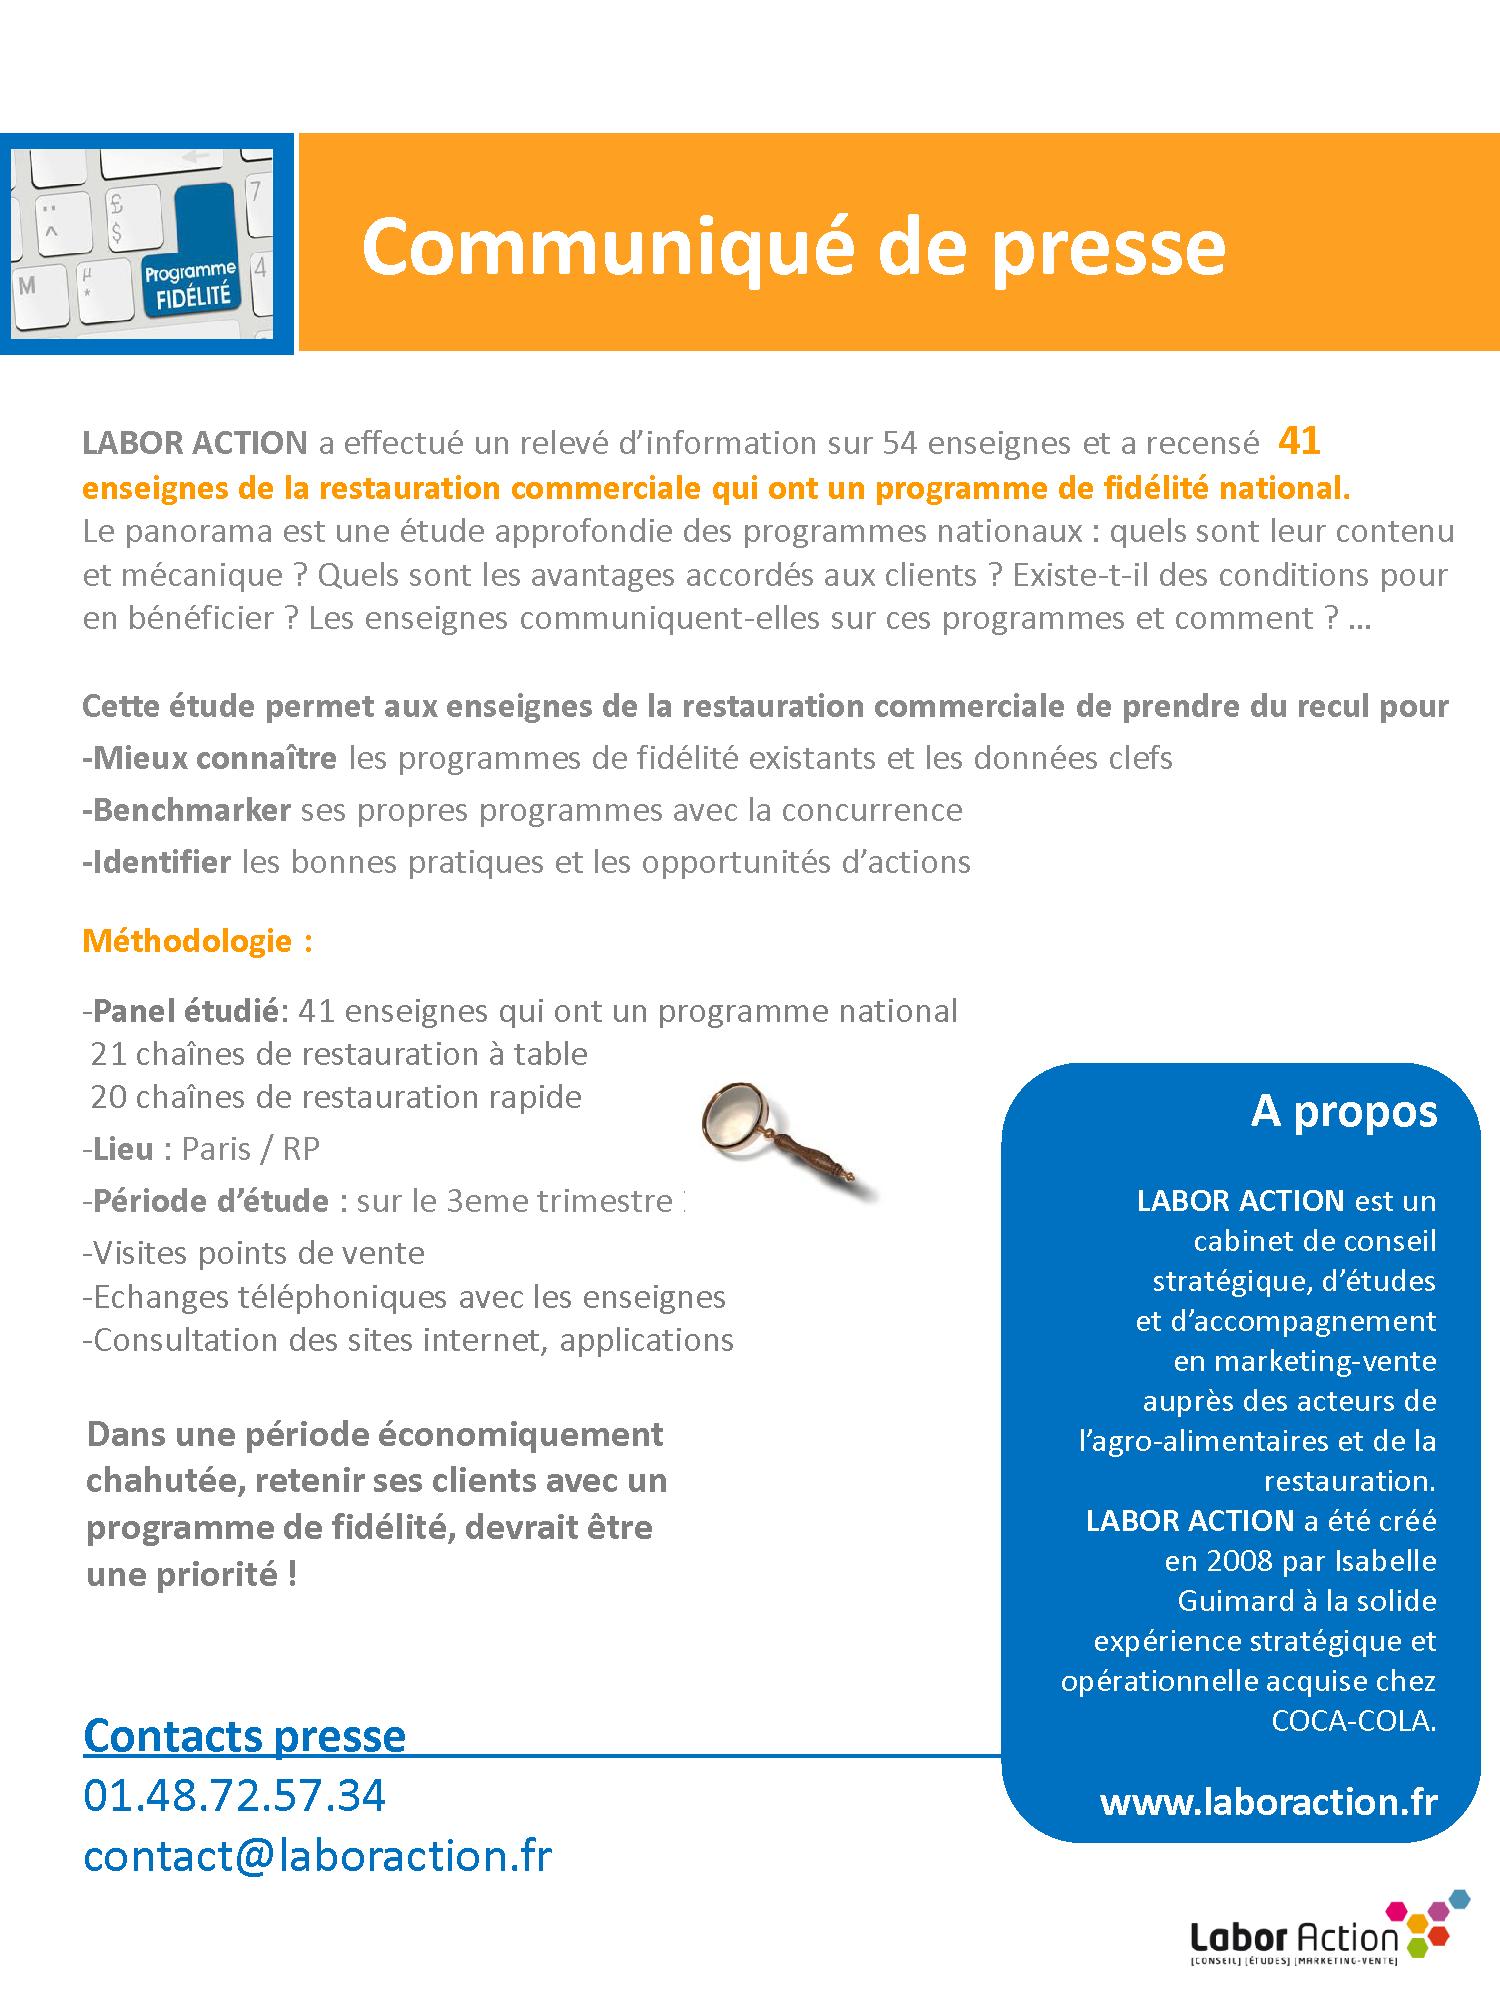 CP Panorama programmes de fidélité - Labor Action_Page_2